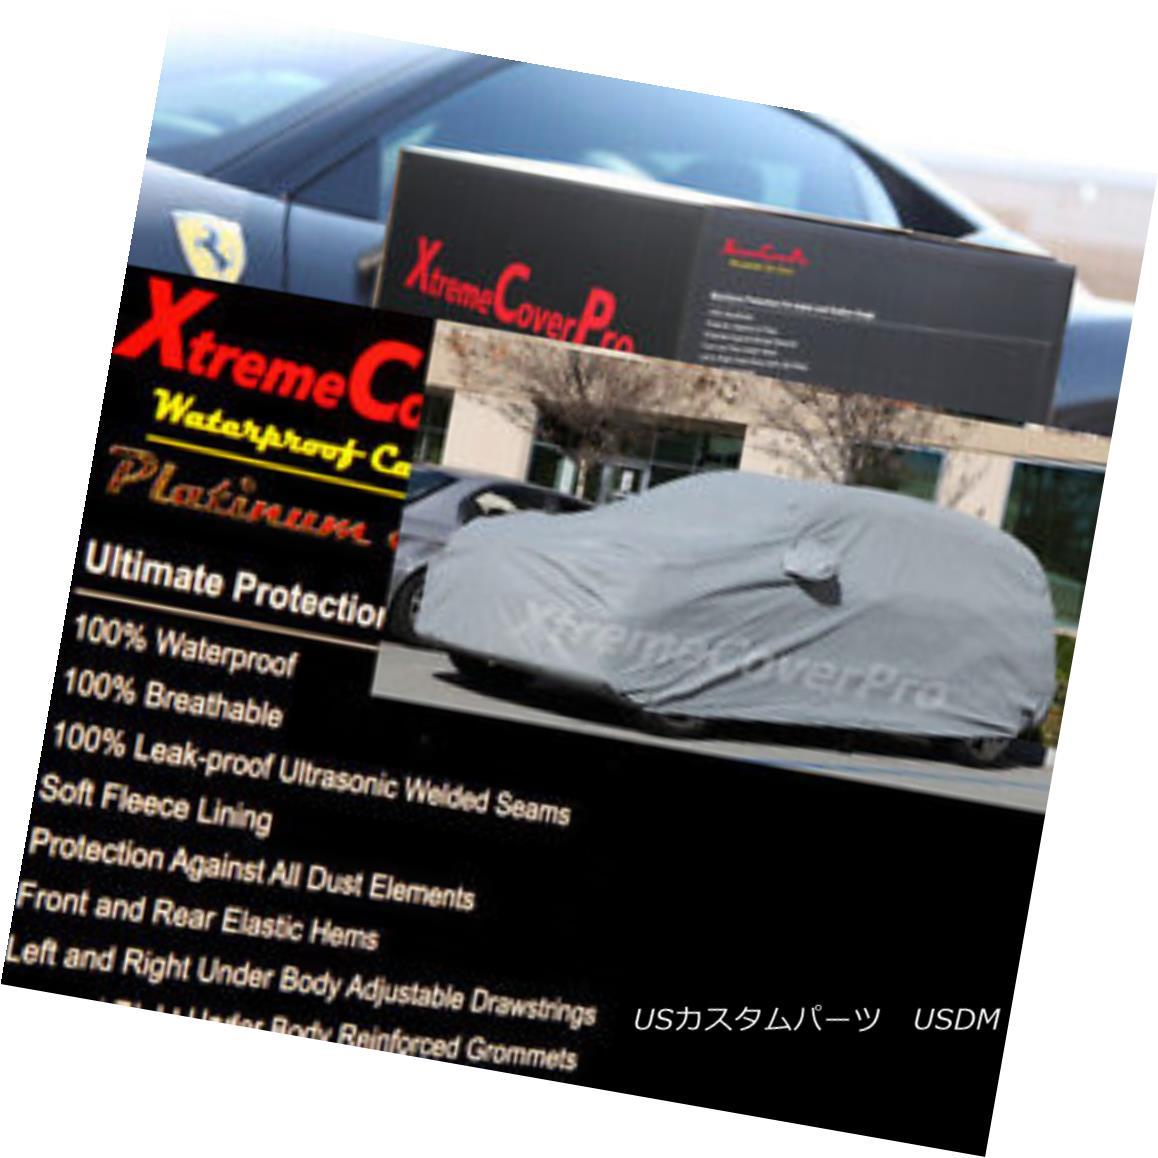 カーカバー 2003 2004 2005 Land Rover Range Rover Waterproof Car Cover w/ Mirror Pocket 2003 2004 2005ランドローバーレンジローバー防水カーカバー(ミラーポケット付)